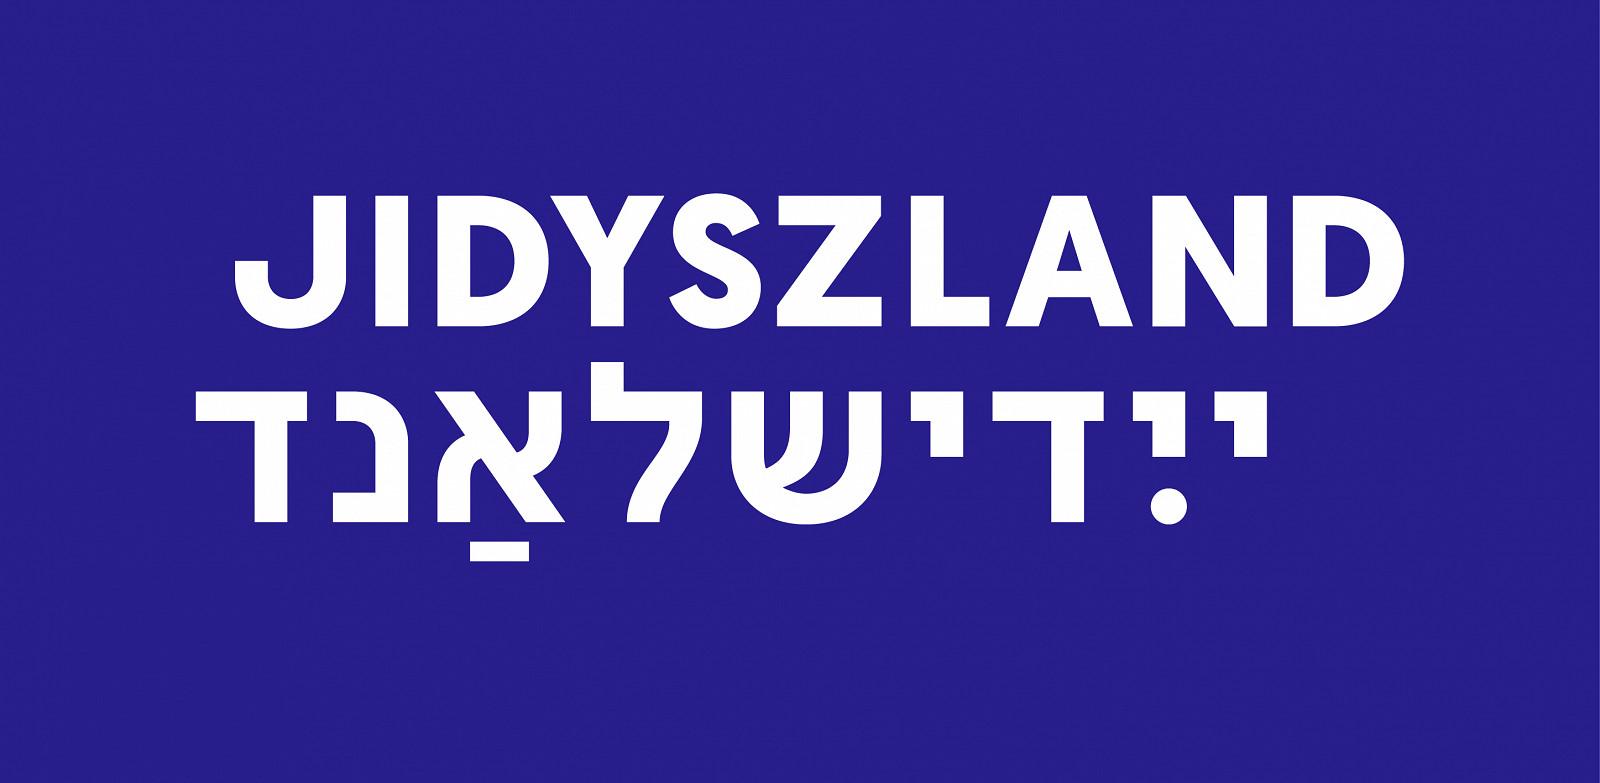 zih-jidyszland-logotypt-rgb_poziom-WH-BLUE.jpg [228.54 KB]